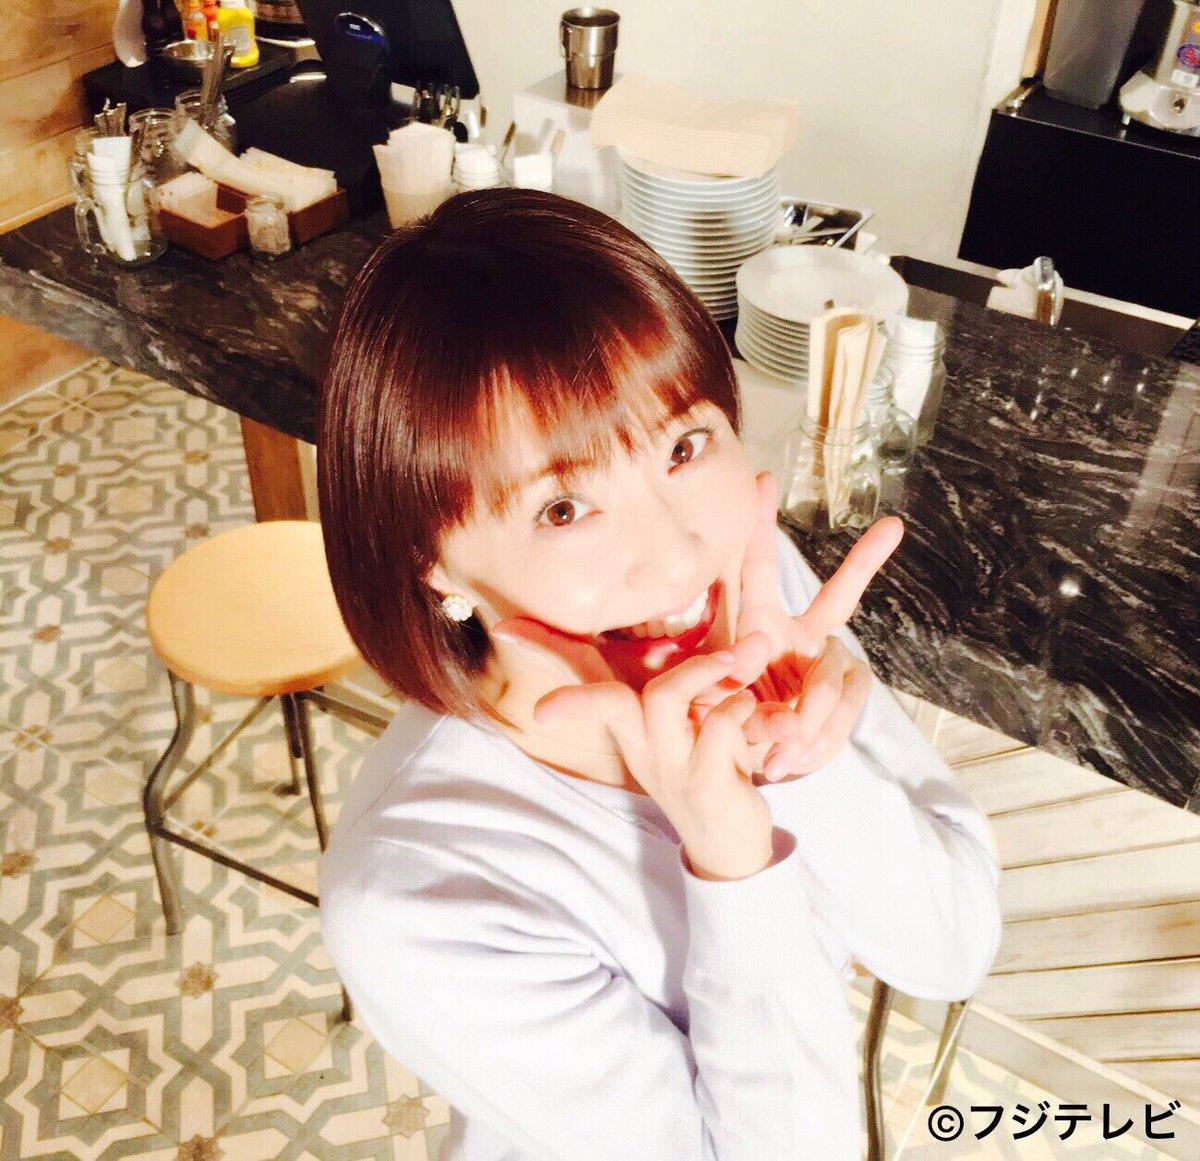 ☆☆☆ 小林麻耶 part129 ☆☆☆  [無断転載禁止]©2ch.netYouTube動画>21本 ->画像>158枚